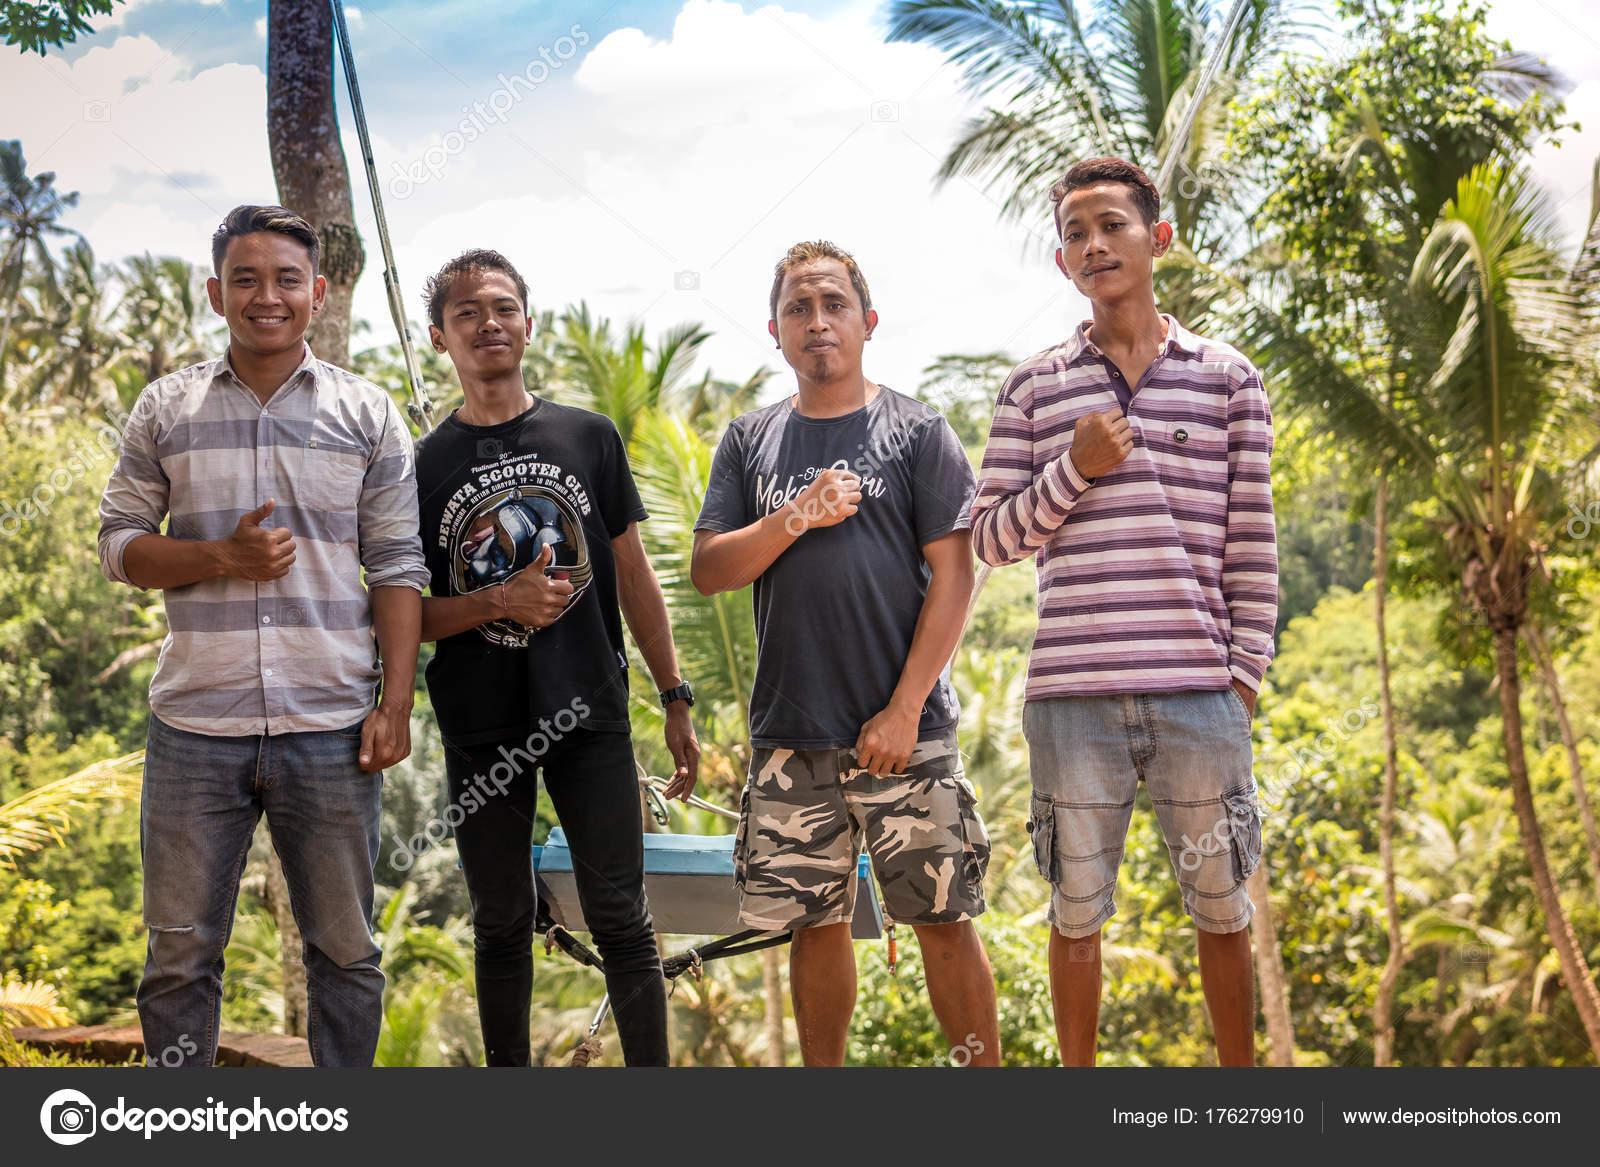 バリ島, インドネシア - 2017 年 12 月 5 日: バリ島のジャングルの中でアジアのバリ インドネシアの男性のグループのポートレート、クローズ アップ — ストック写真